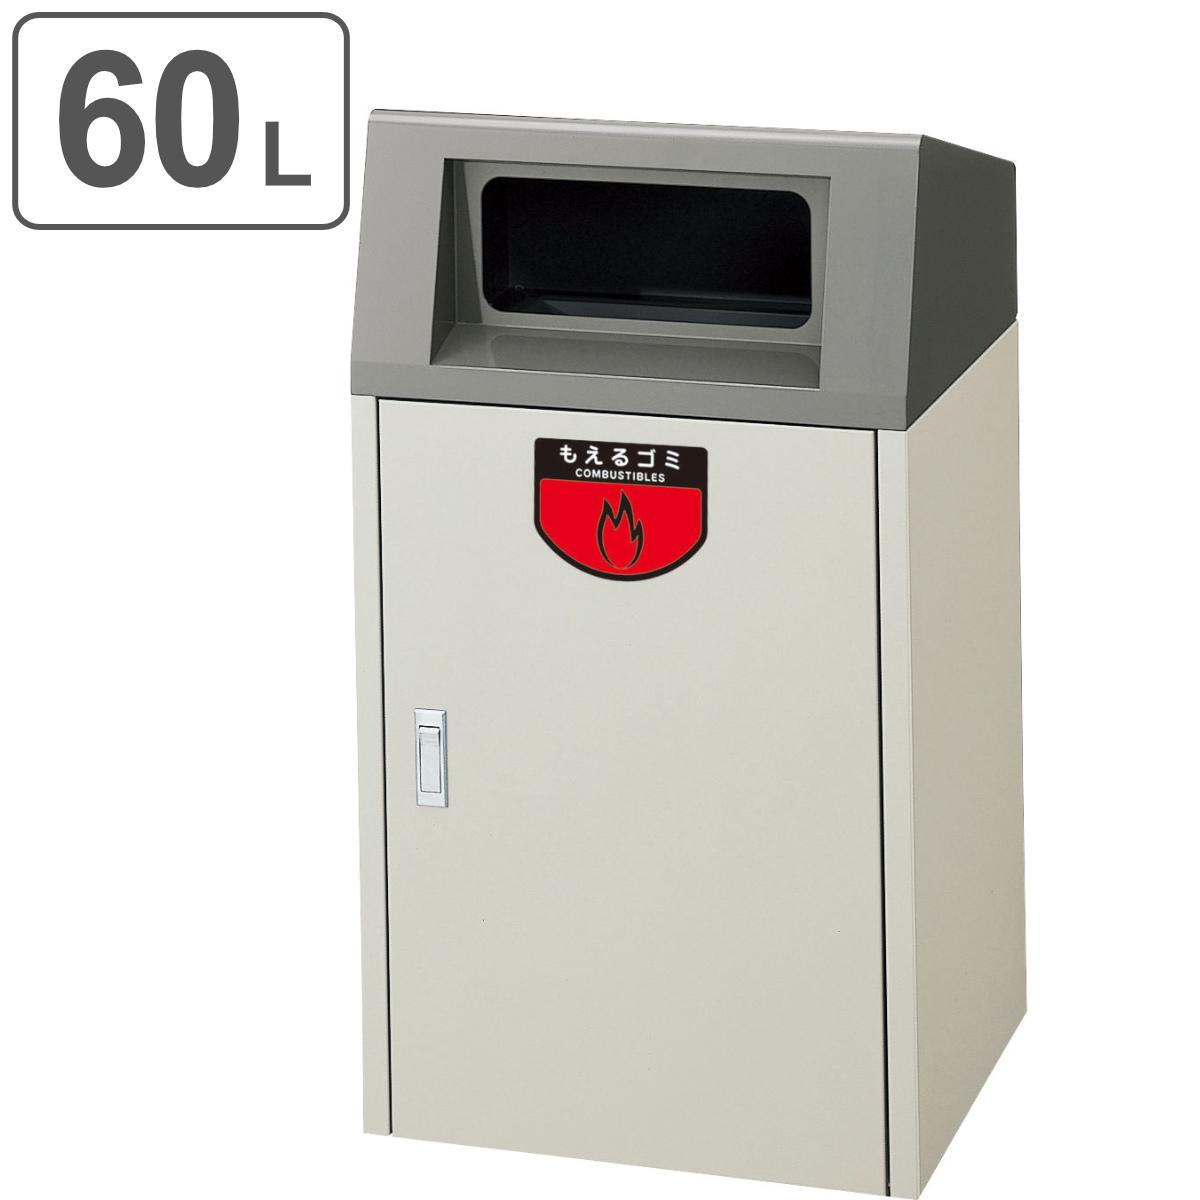 ゴミ箱 リサイクルボックス F-1 送料無料